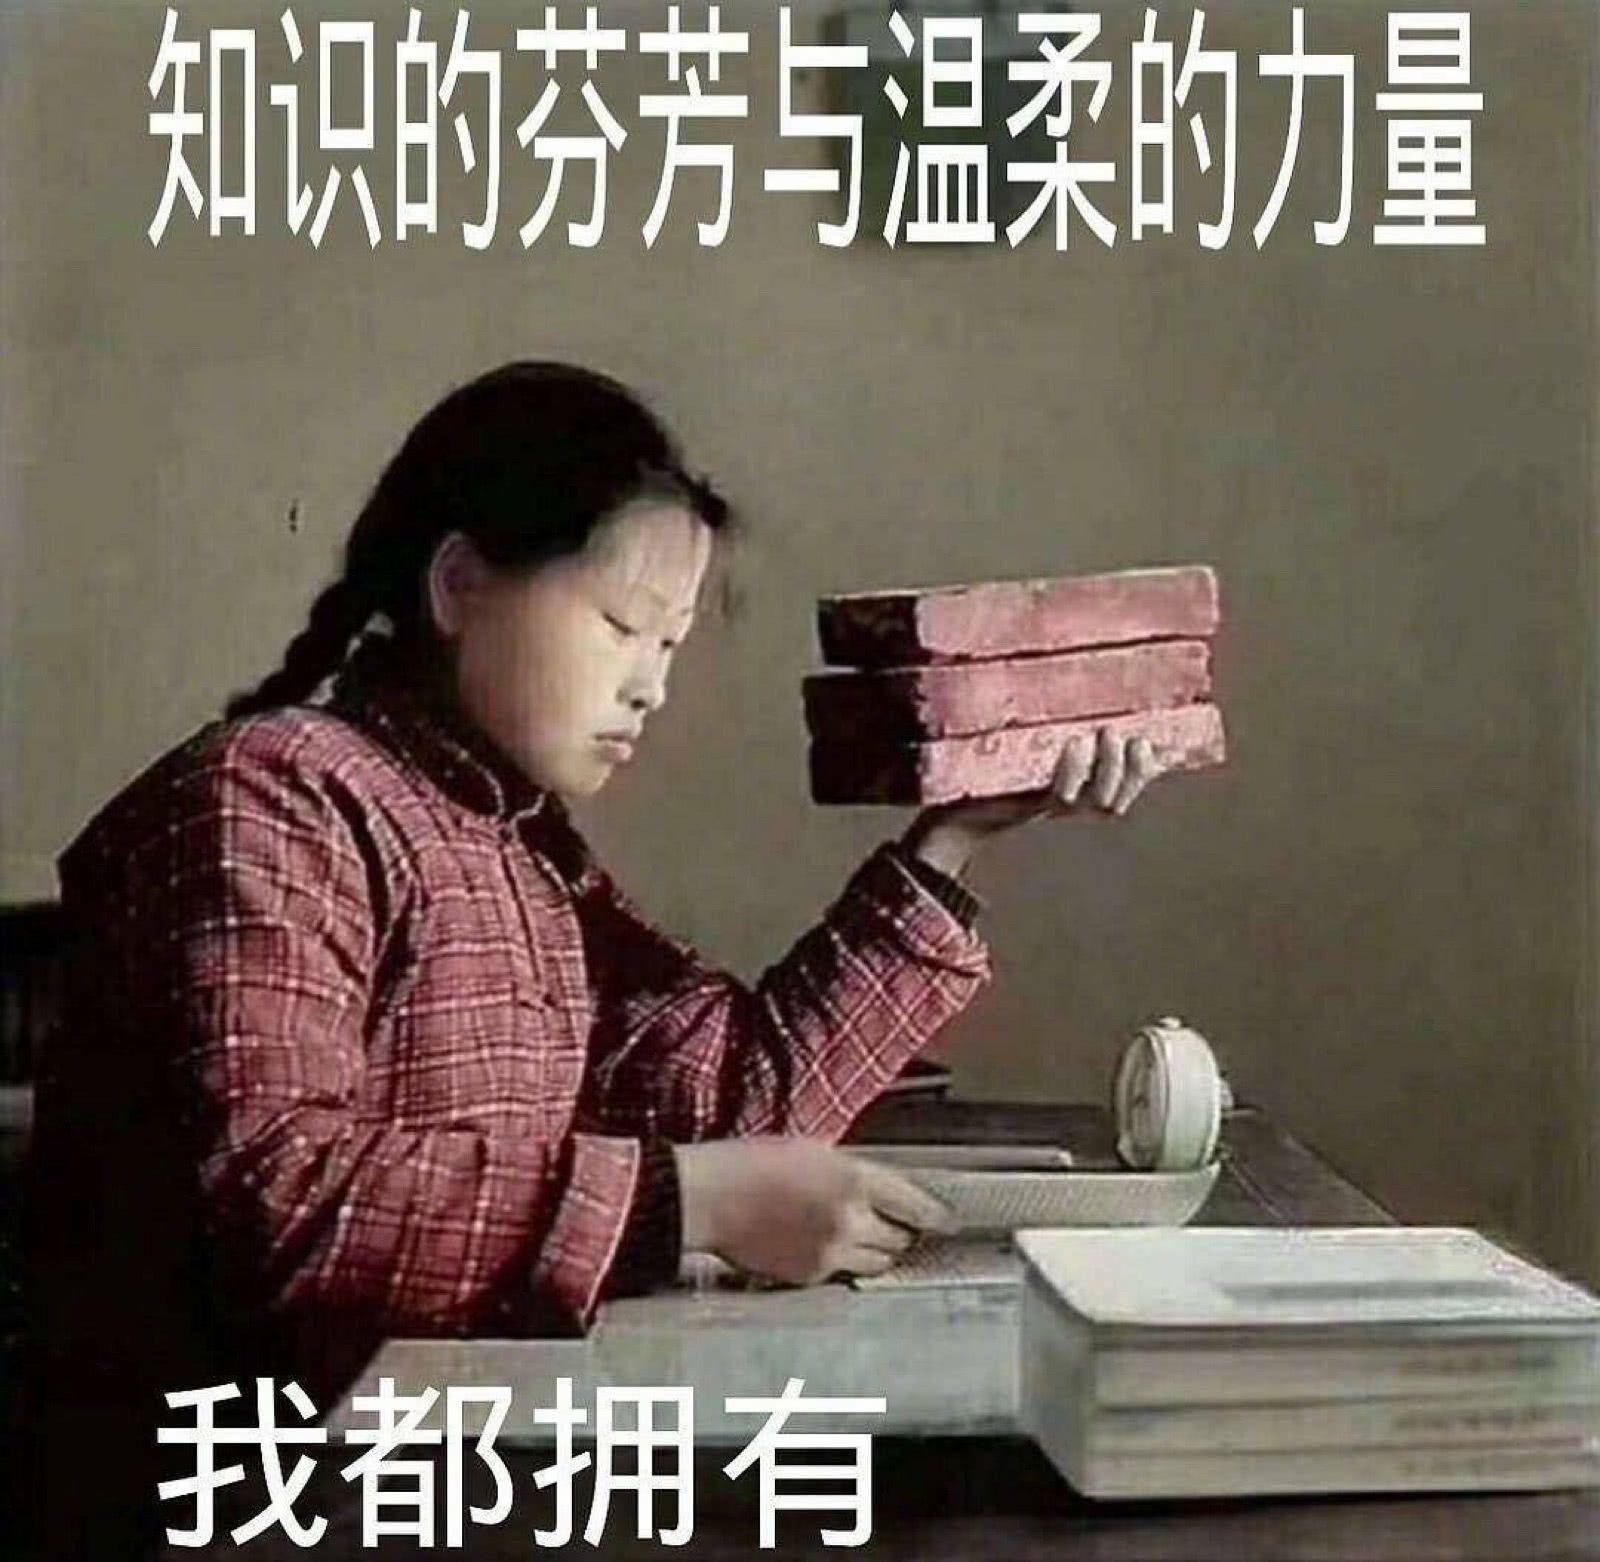 妹子拿砖头学习:知识的芬芳与温柔的力量我都拥有